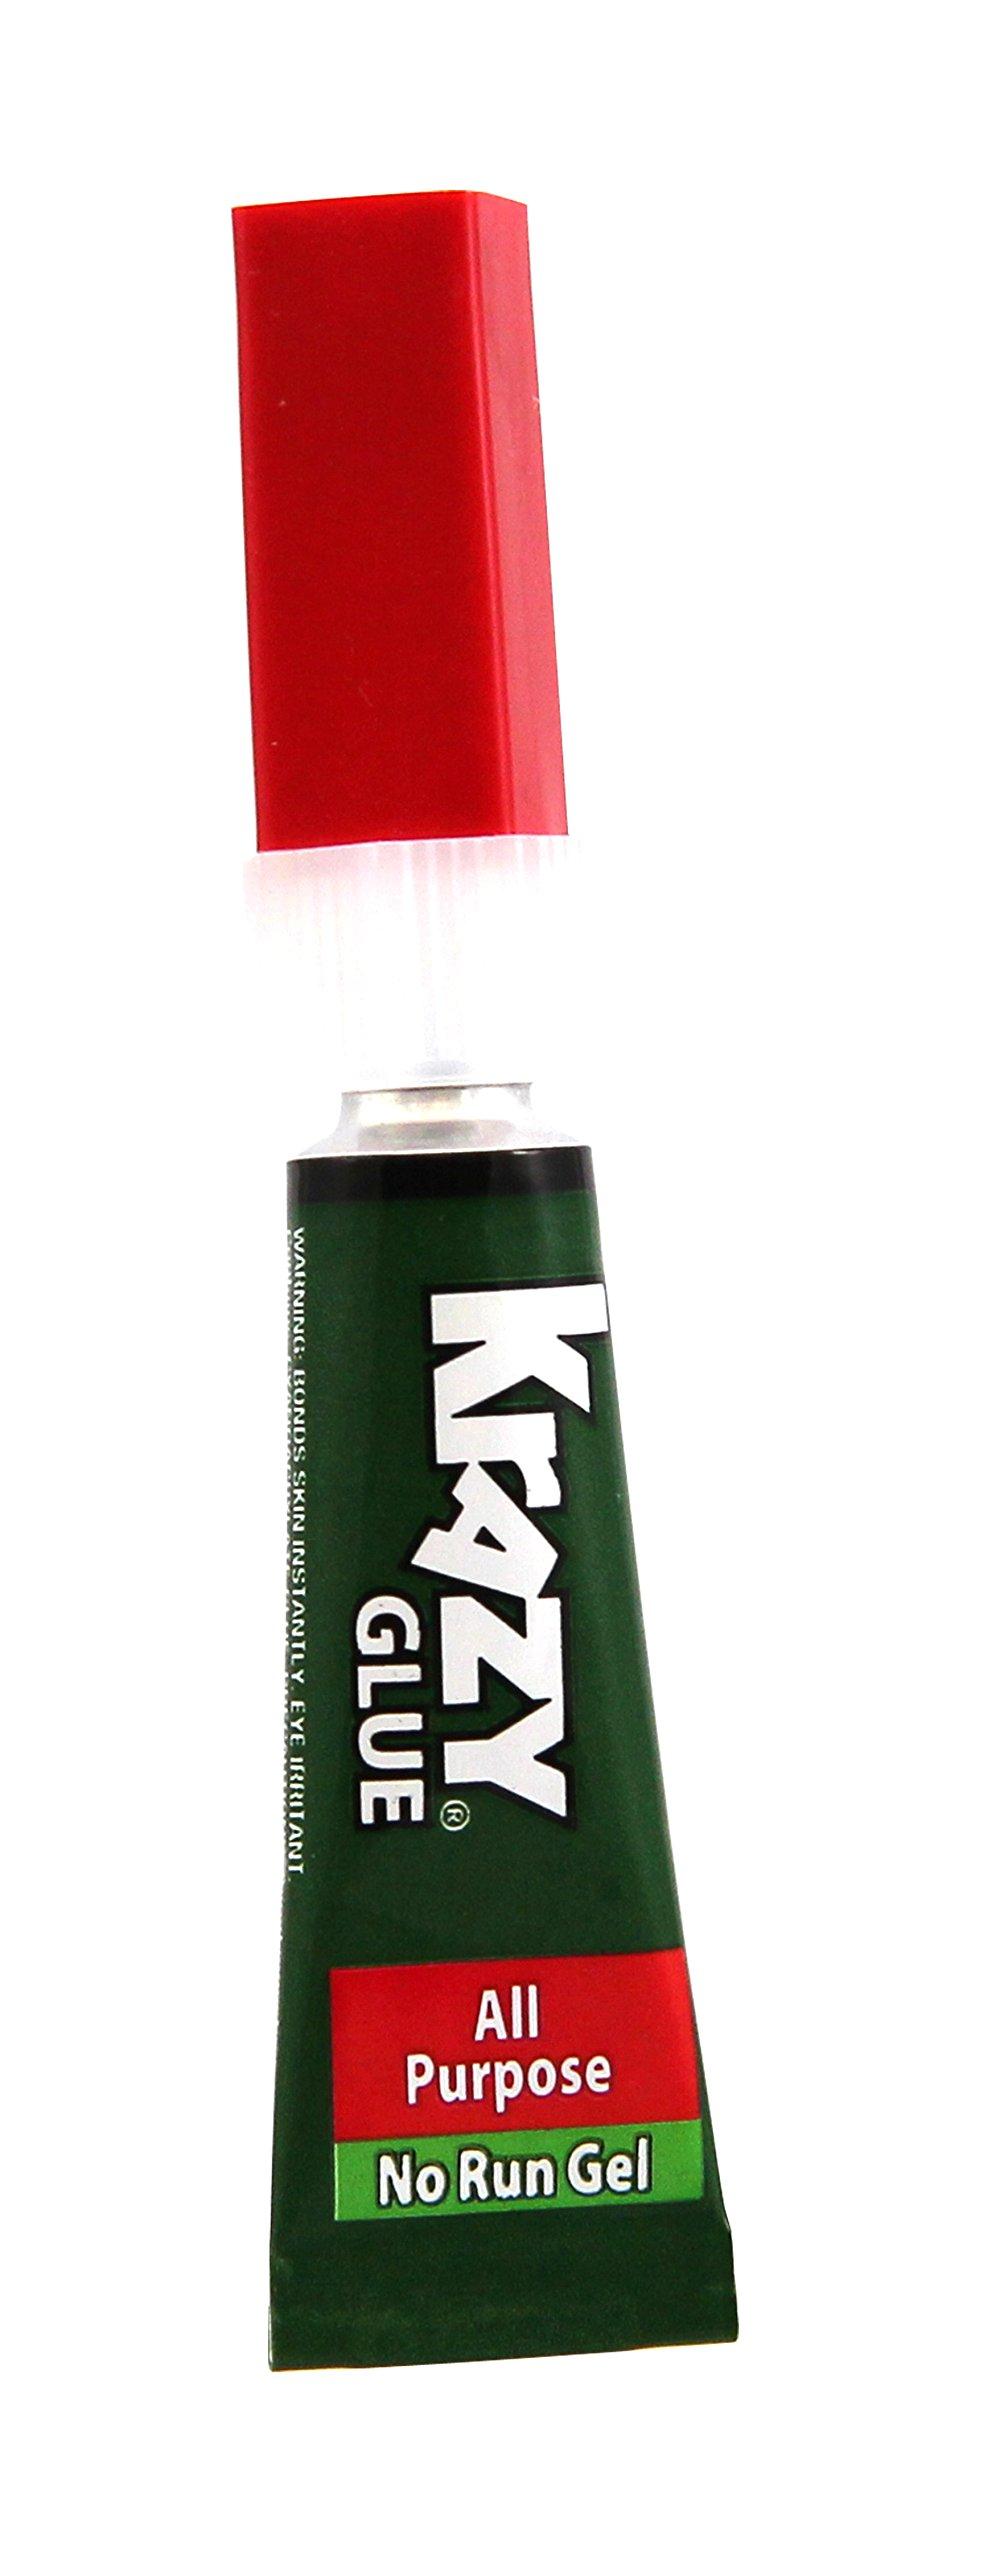 Krazy Glue EPIKG86648R KG86648R Glue with All-Purpose Gel, 0.07 Oz, Clear